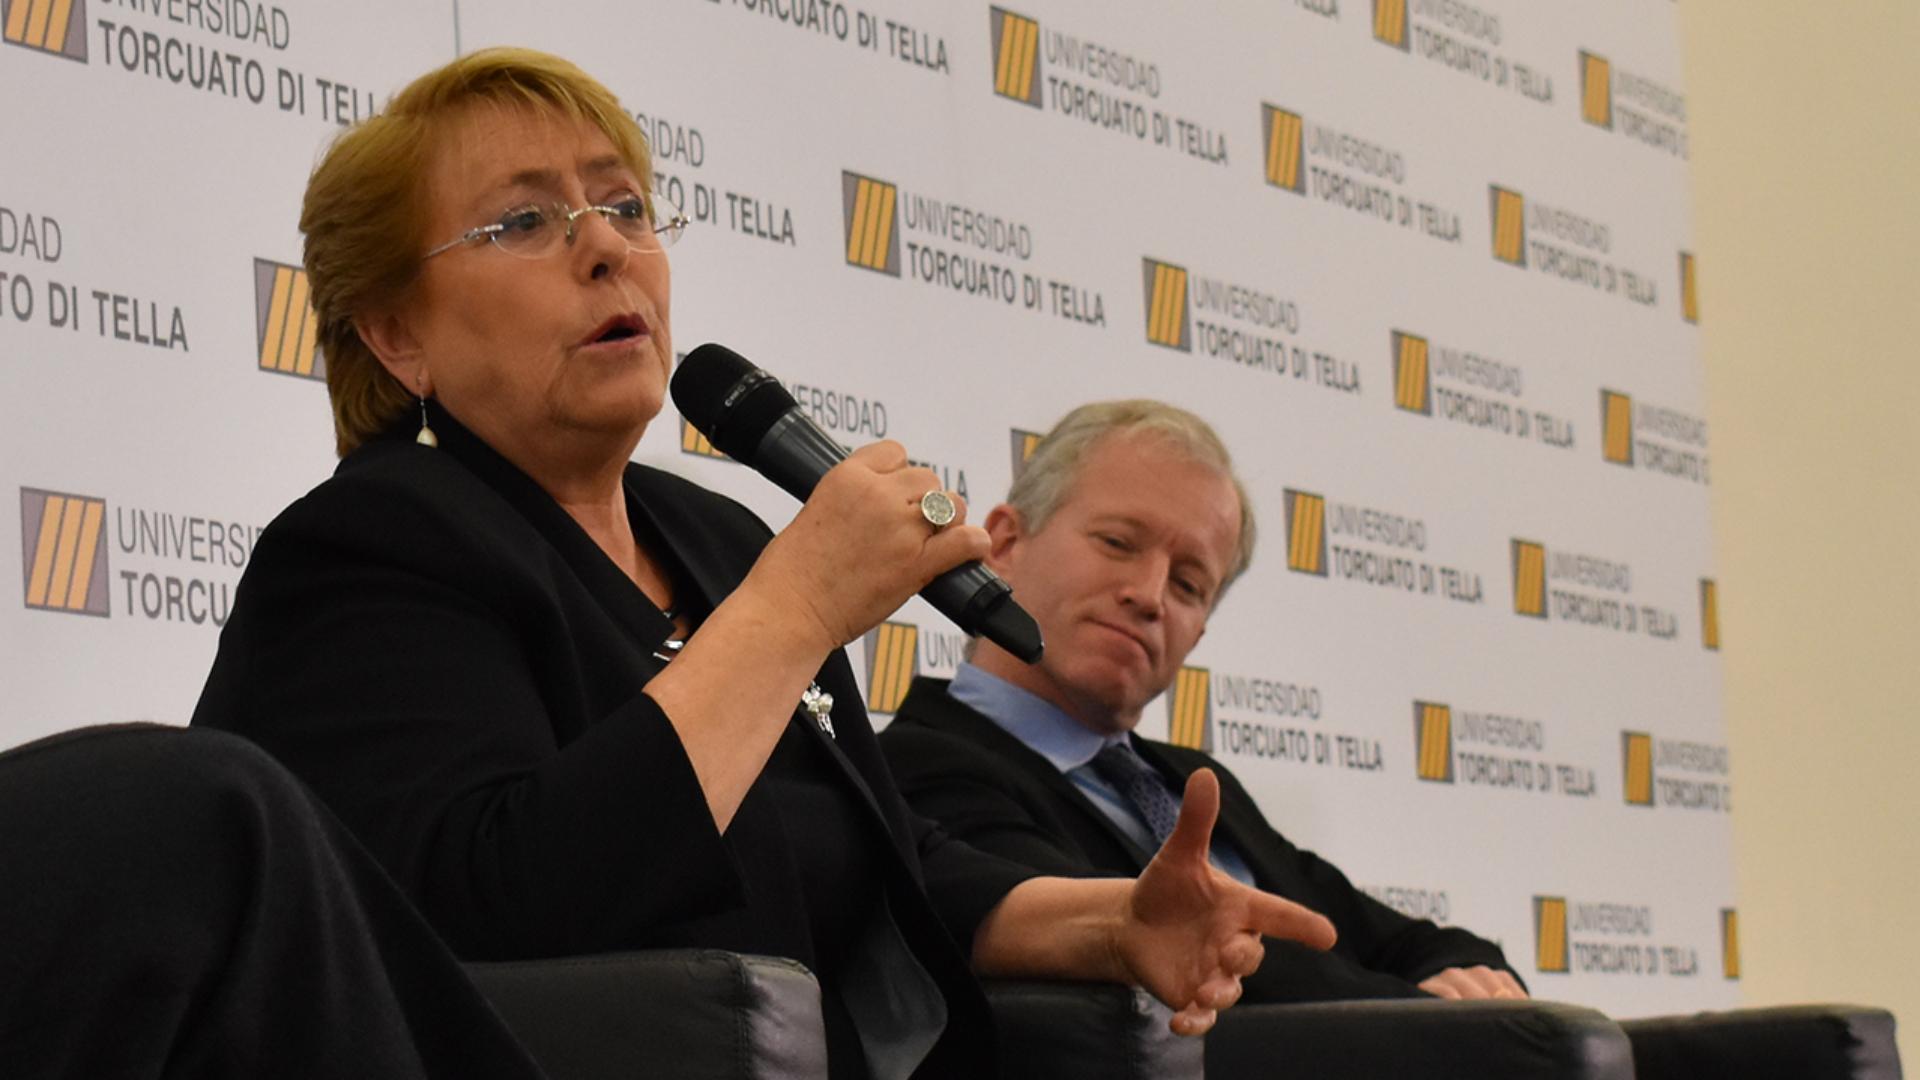 """""""El Chile que me tocó vivir en esta ocasión es bien distinto del Chile anterior"""", dijo Bachelet sobre su segundo mandato (Cortesía UTDT)"""